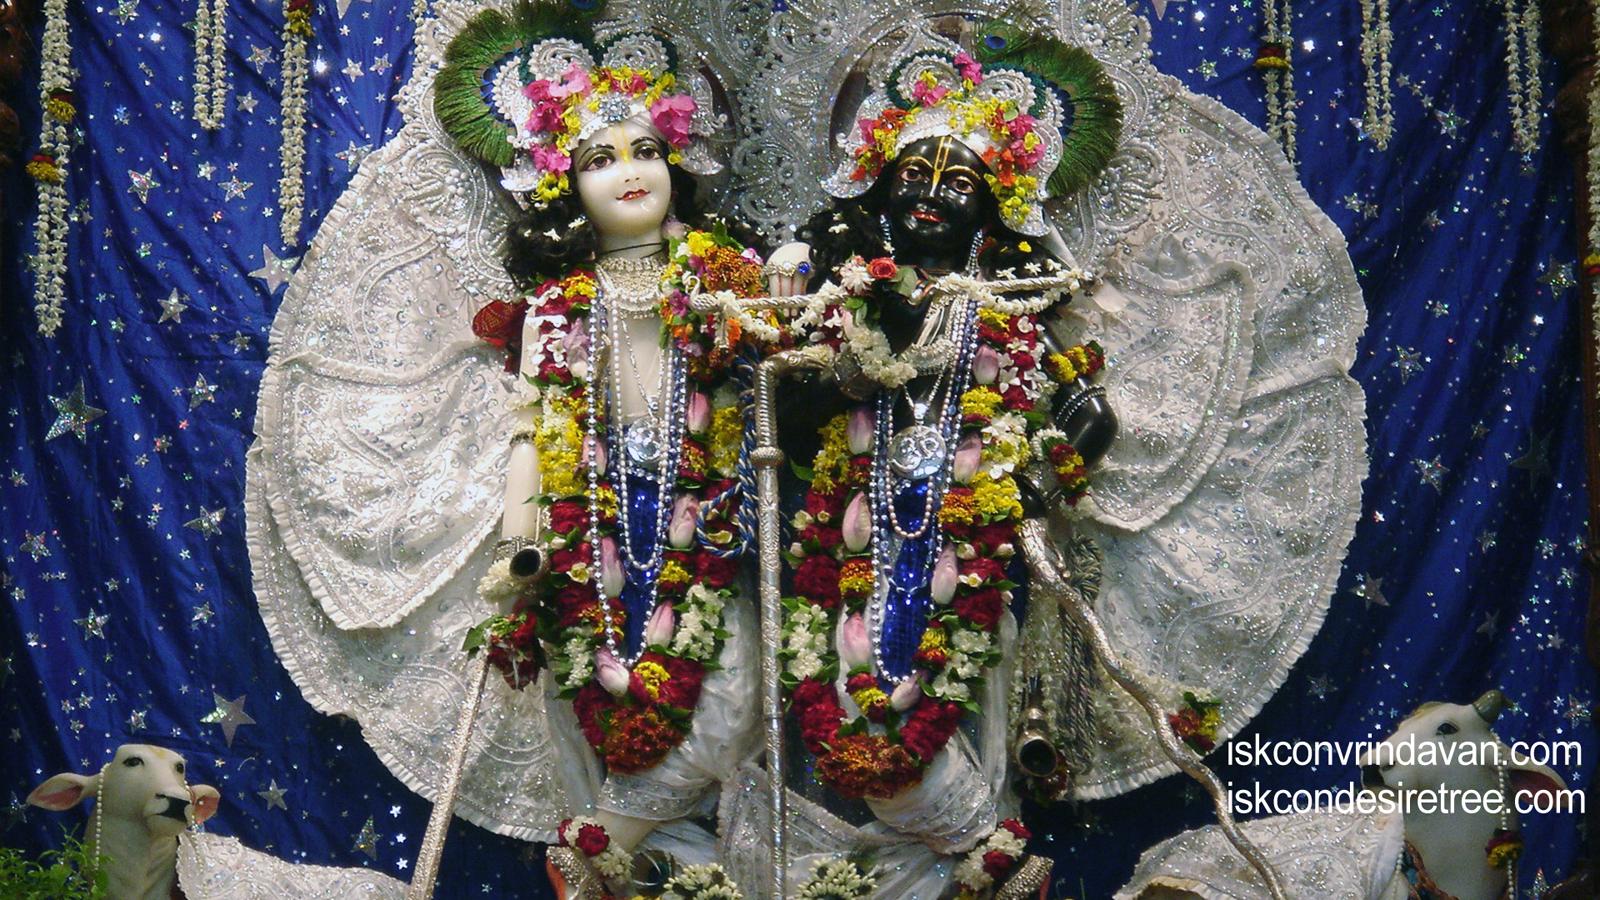 Sri Sri Krishna Balaram Wallpaper (026) Size 1600x900 Download